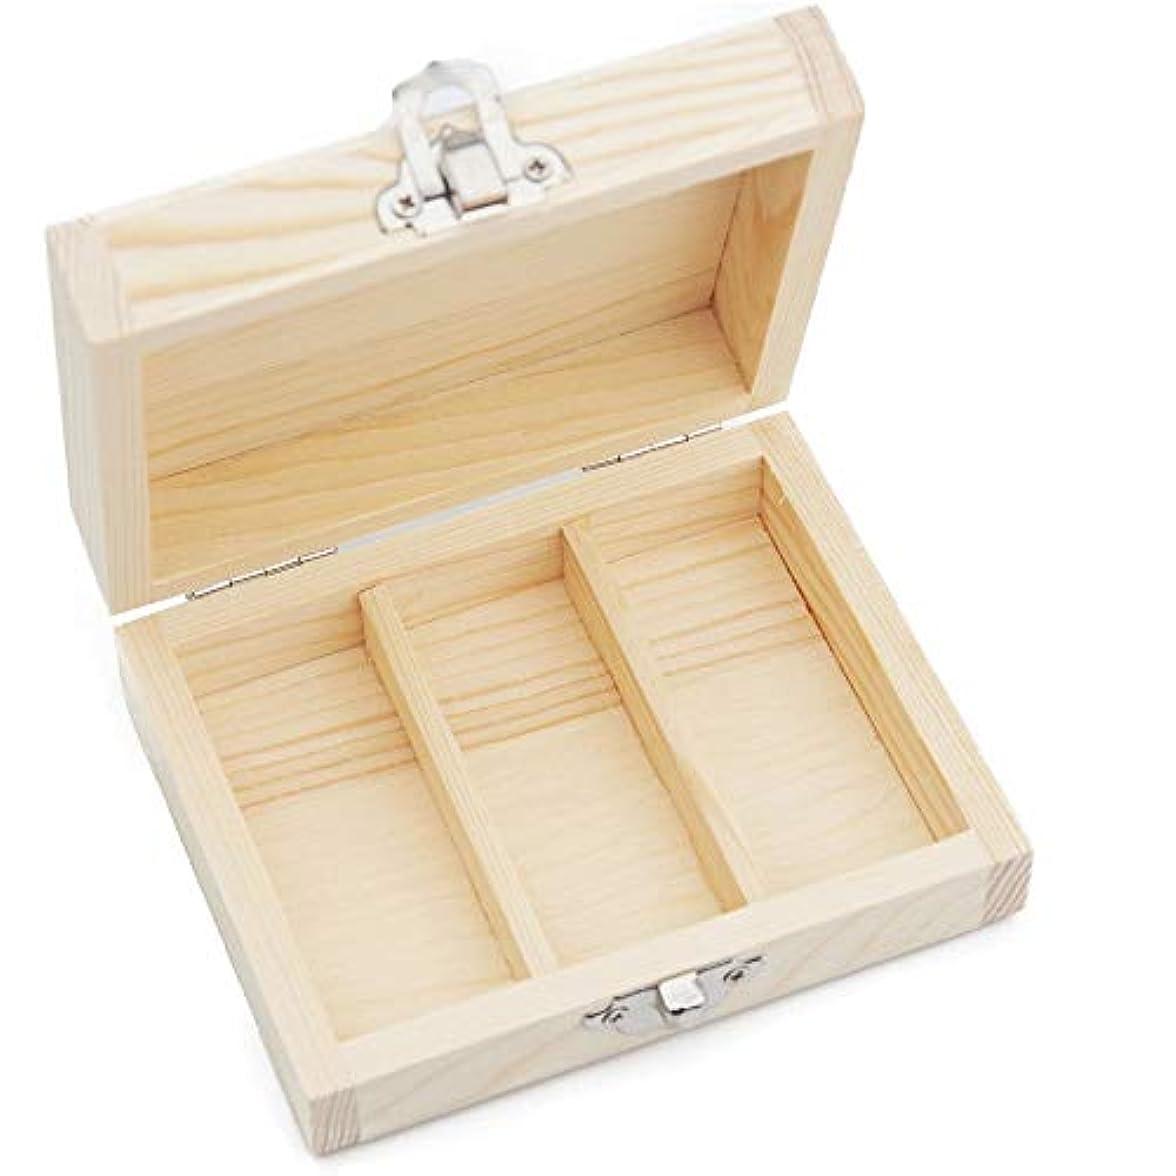 ドロー権限を与える余韻3スロット木エッセンシャルオイルボックスケース主催者は3つの15ミリリットル油のボトルを保持します アロマセラピー製品 (色 : Natural, サイズ : 11X8.5X4.5CM)